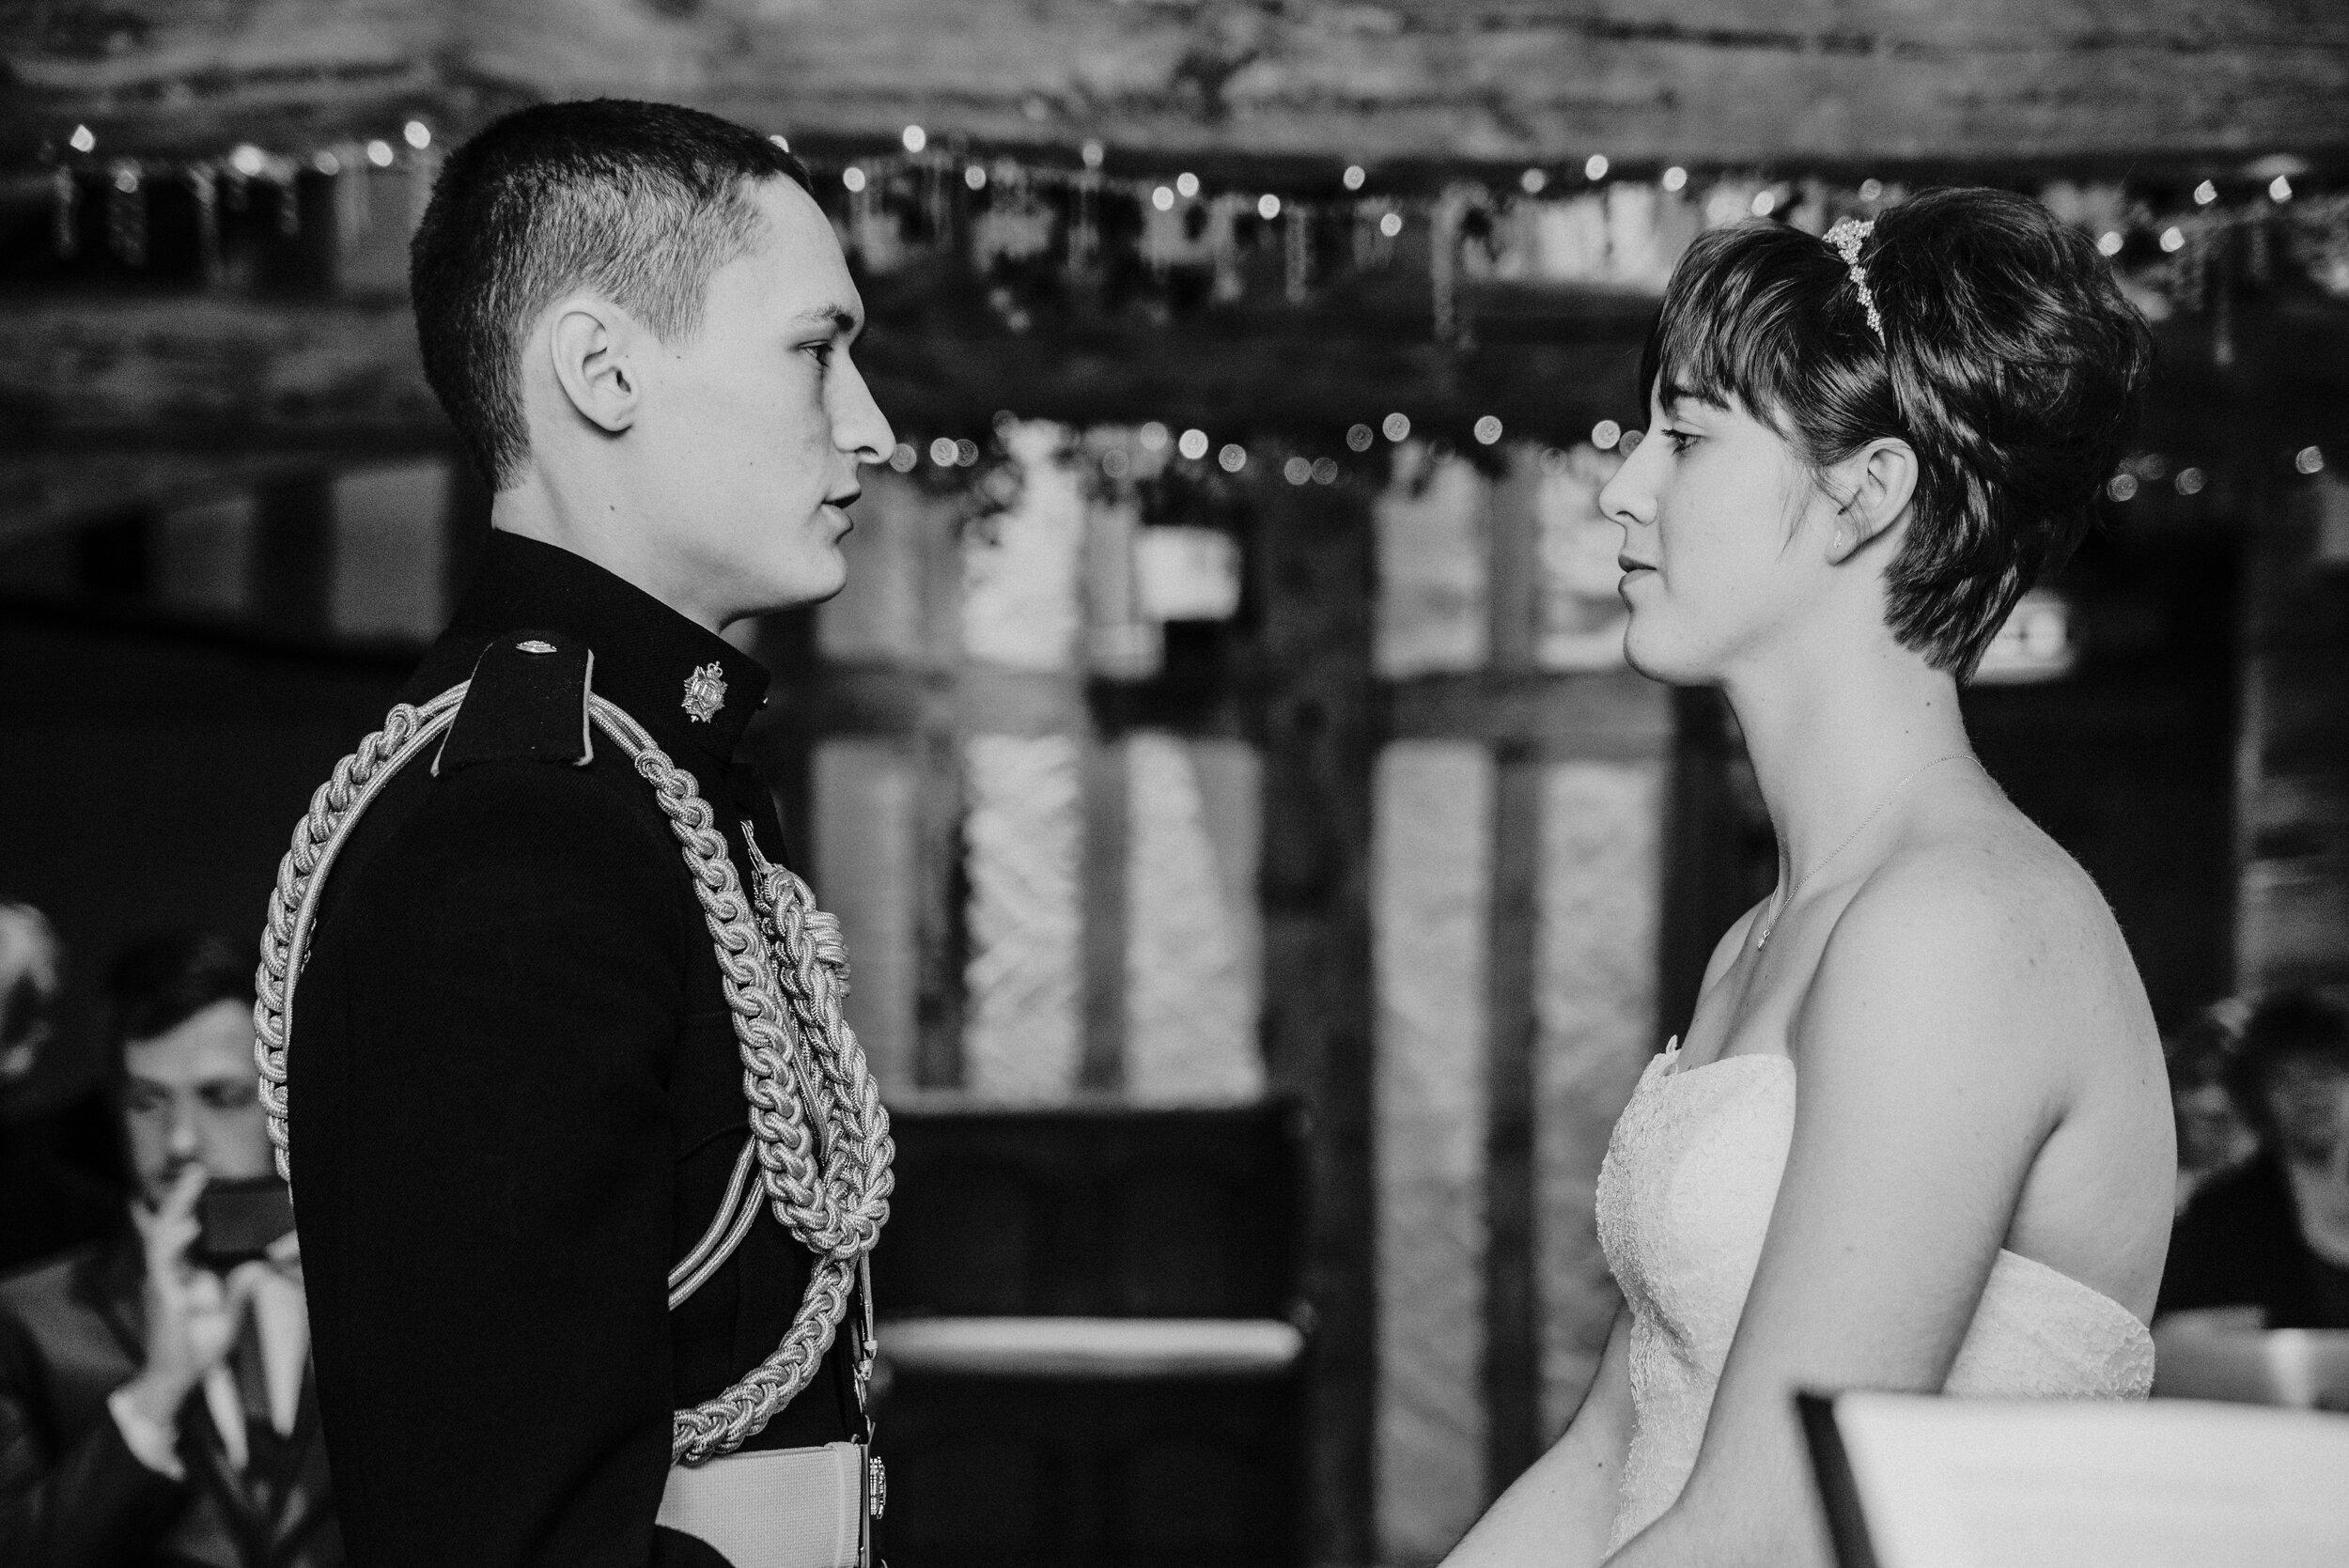 SUFFOLK_WEDDING_PHOTOGRAPHY_ISAACS_WEDDING_VENUE_WEDDINGPHOTOGRAPHERNEARME_iPSWICHWEDDINGPHOTOGRAPHER (43).jpg